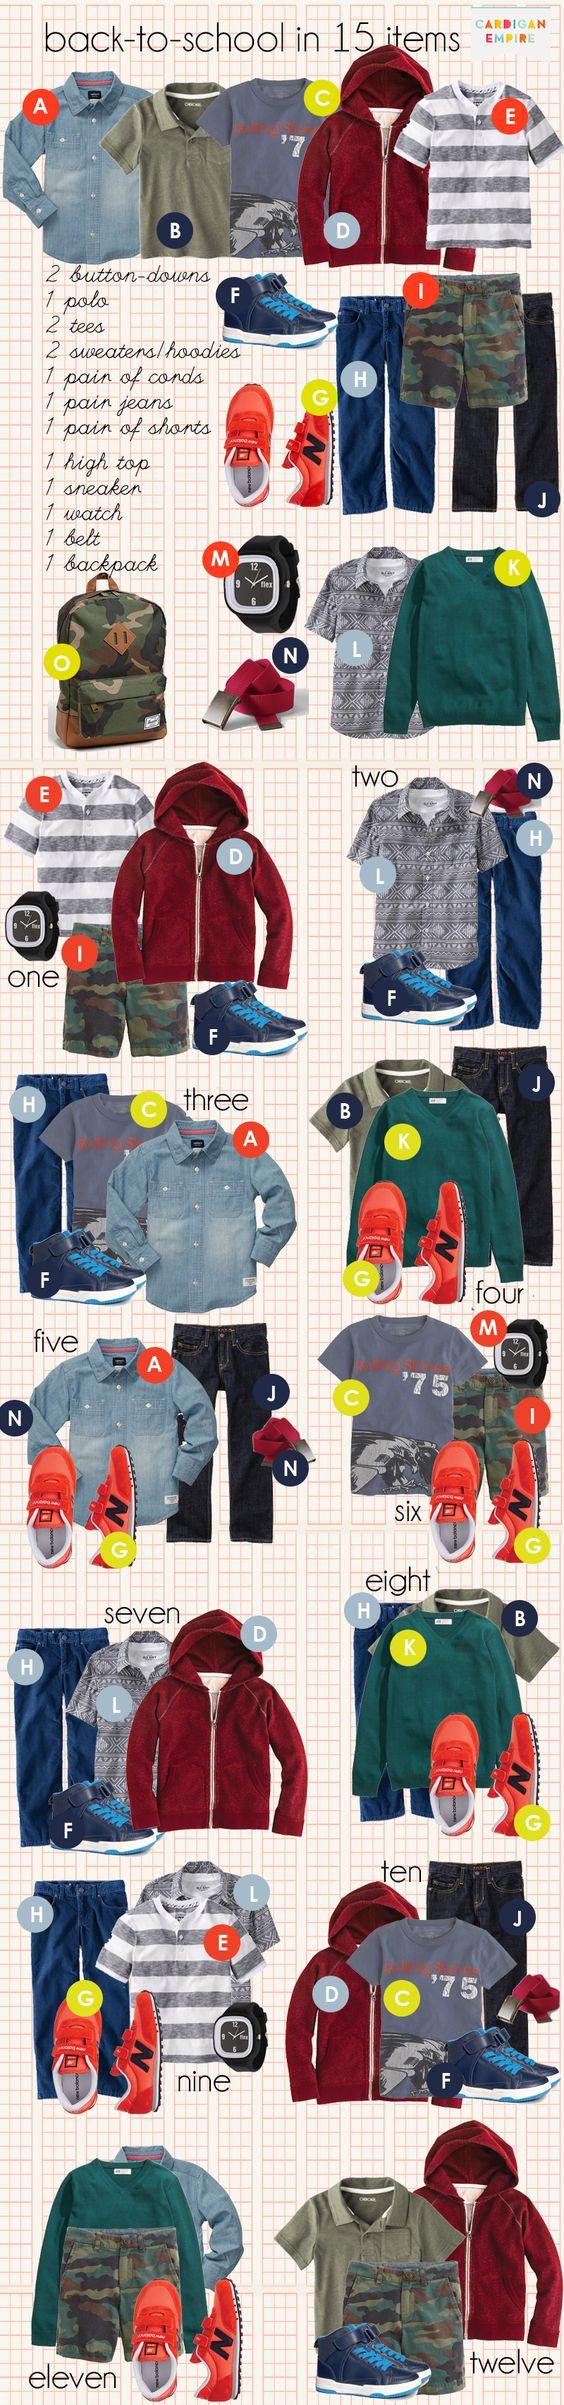 b3dedc28443b Back 2 School Outfit Ideas